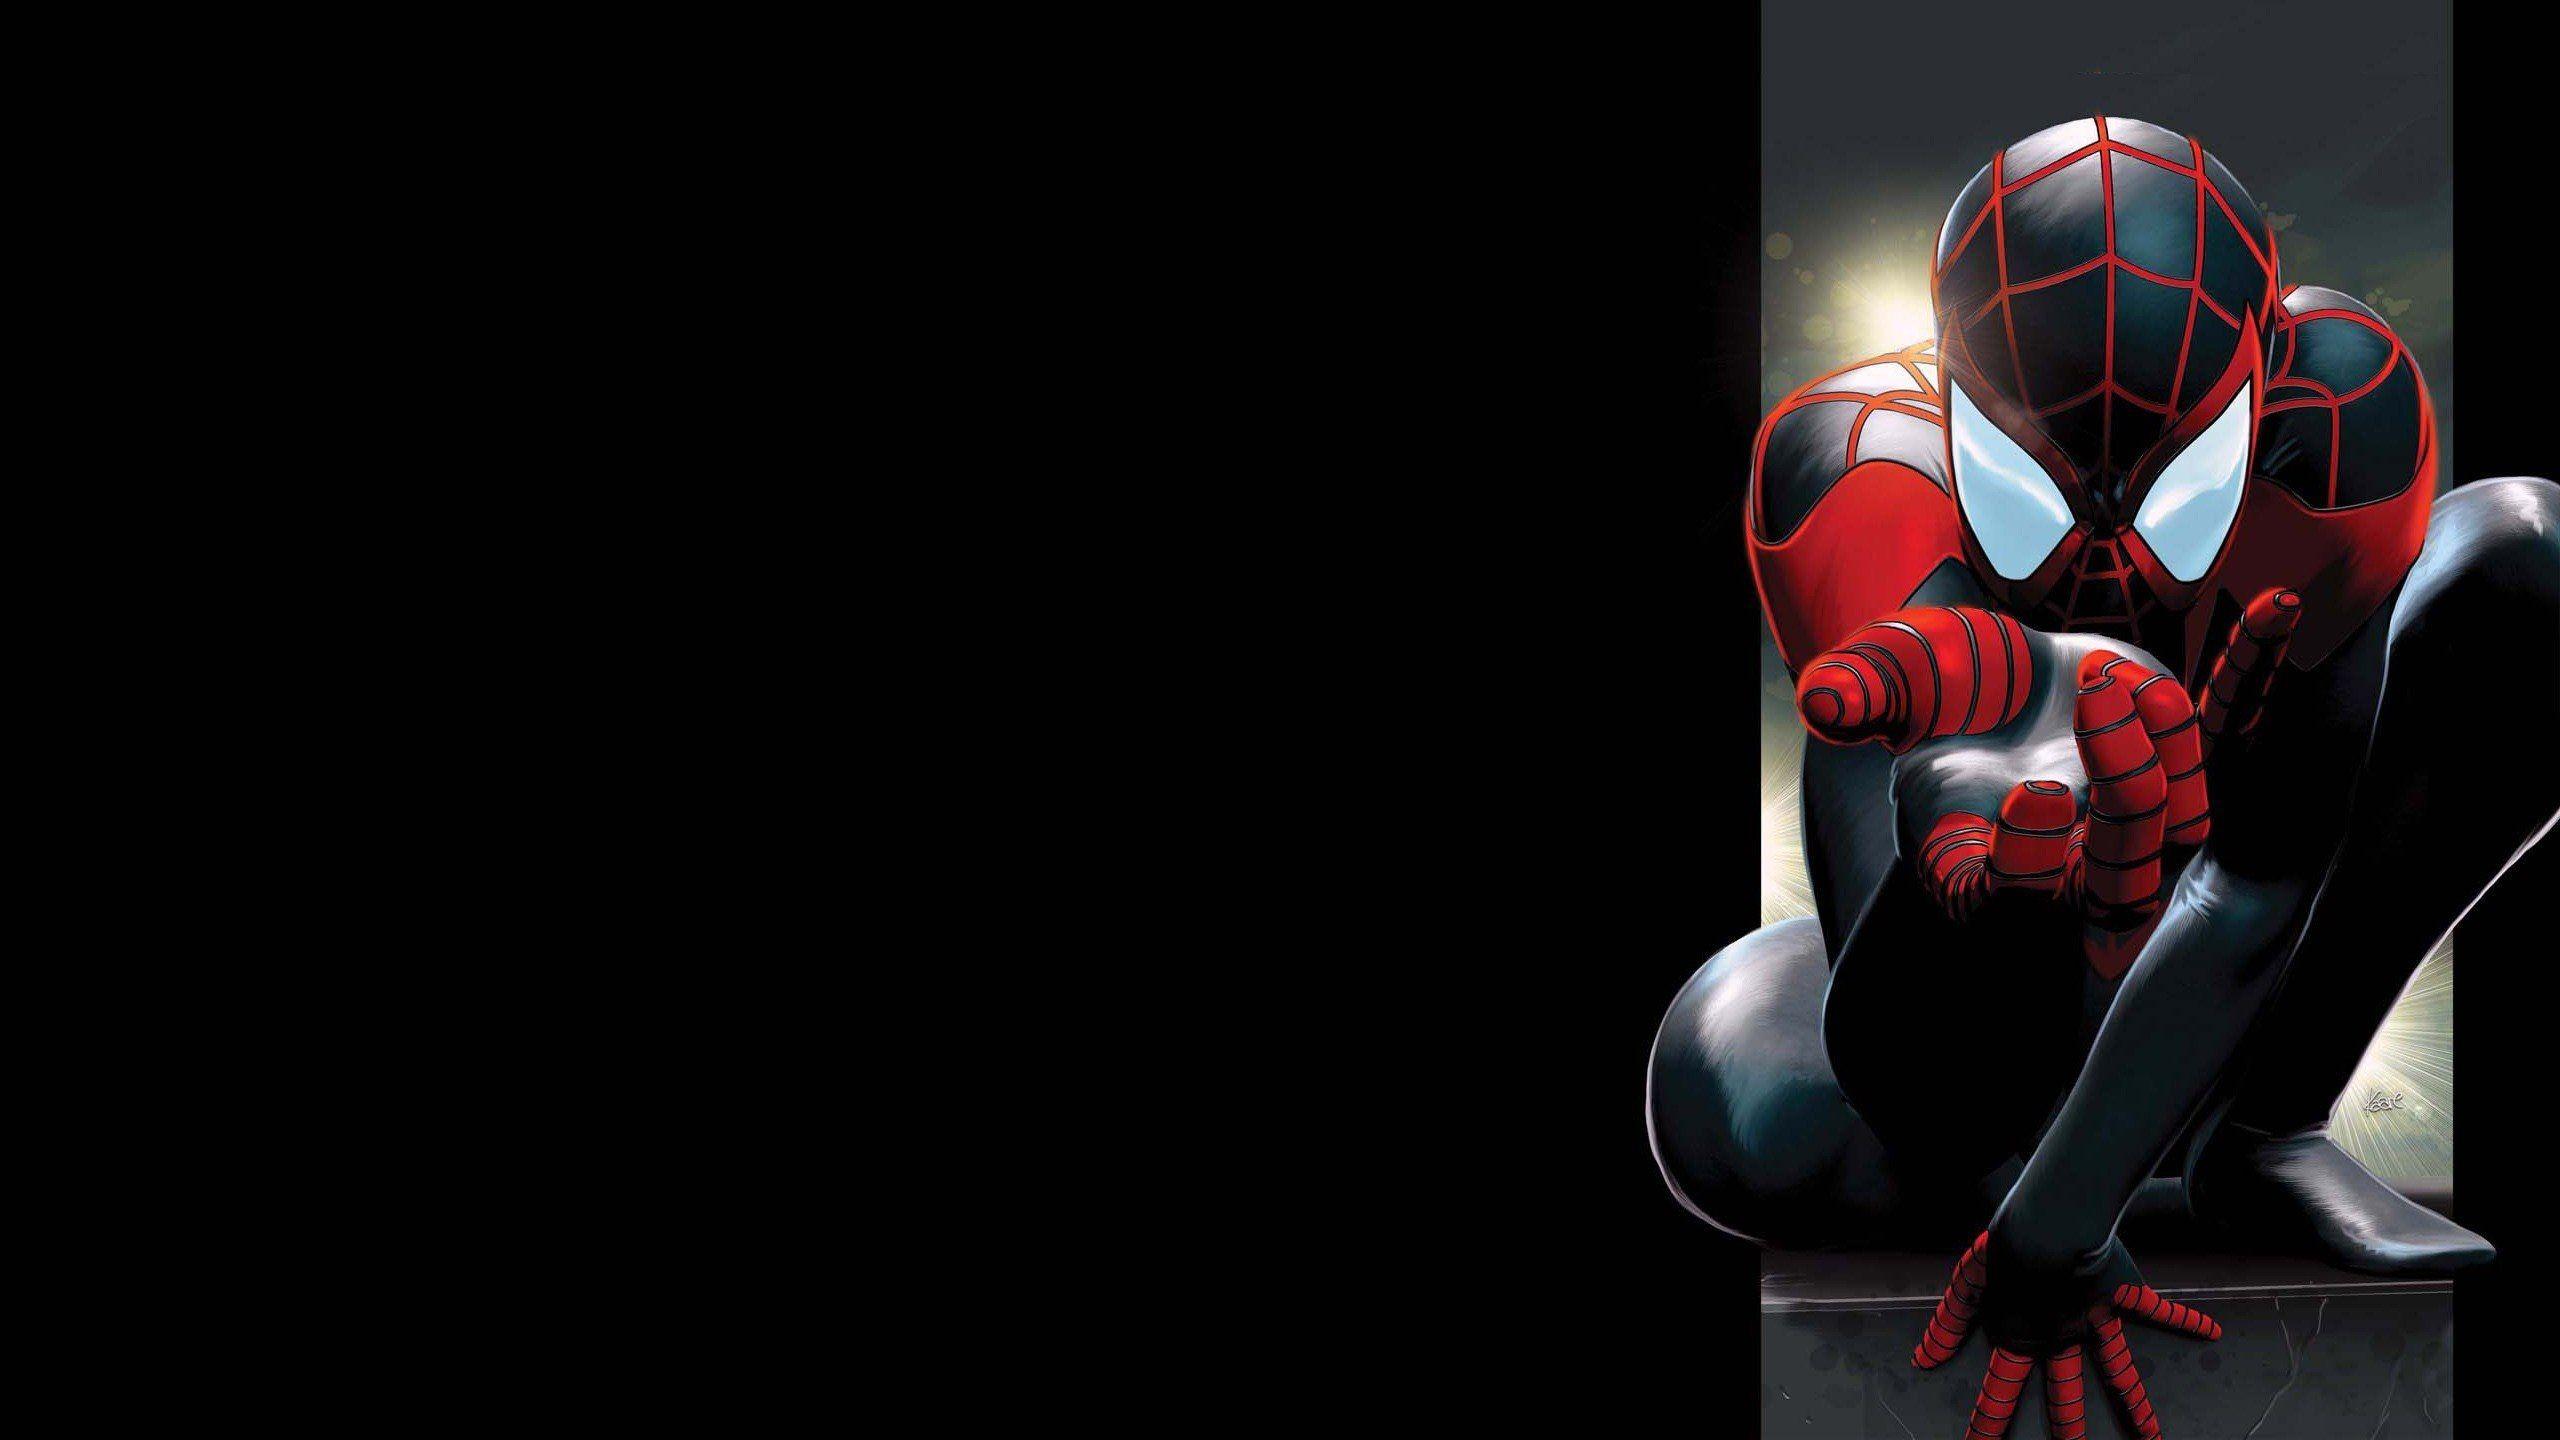 Comics Spider-Man artwork Marvel Comics wallpaper